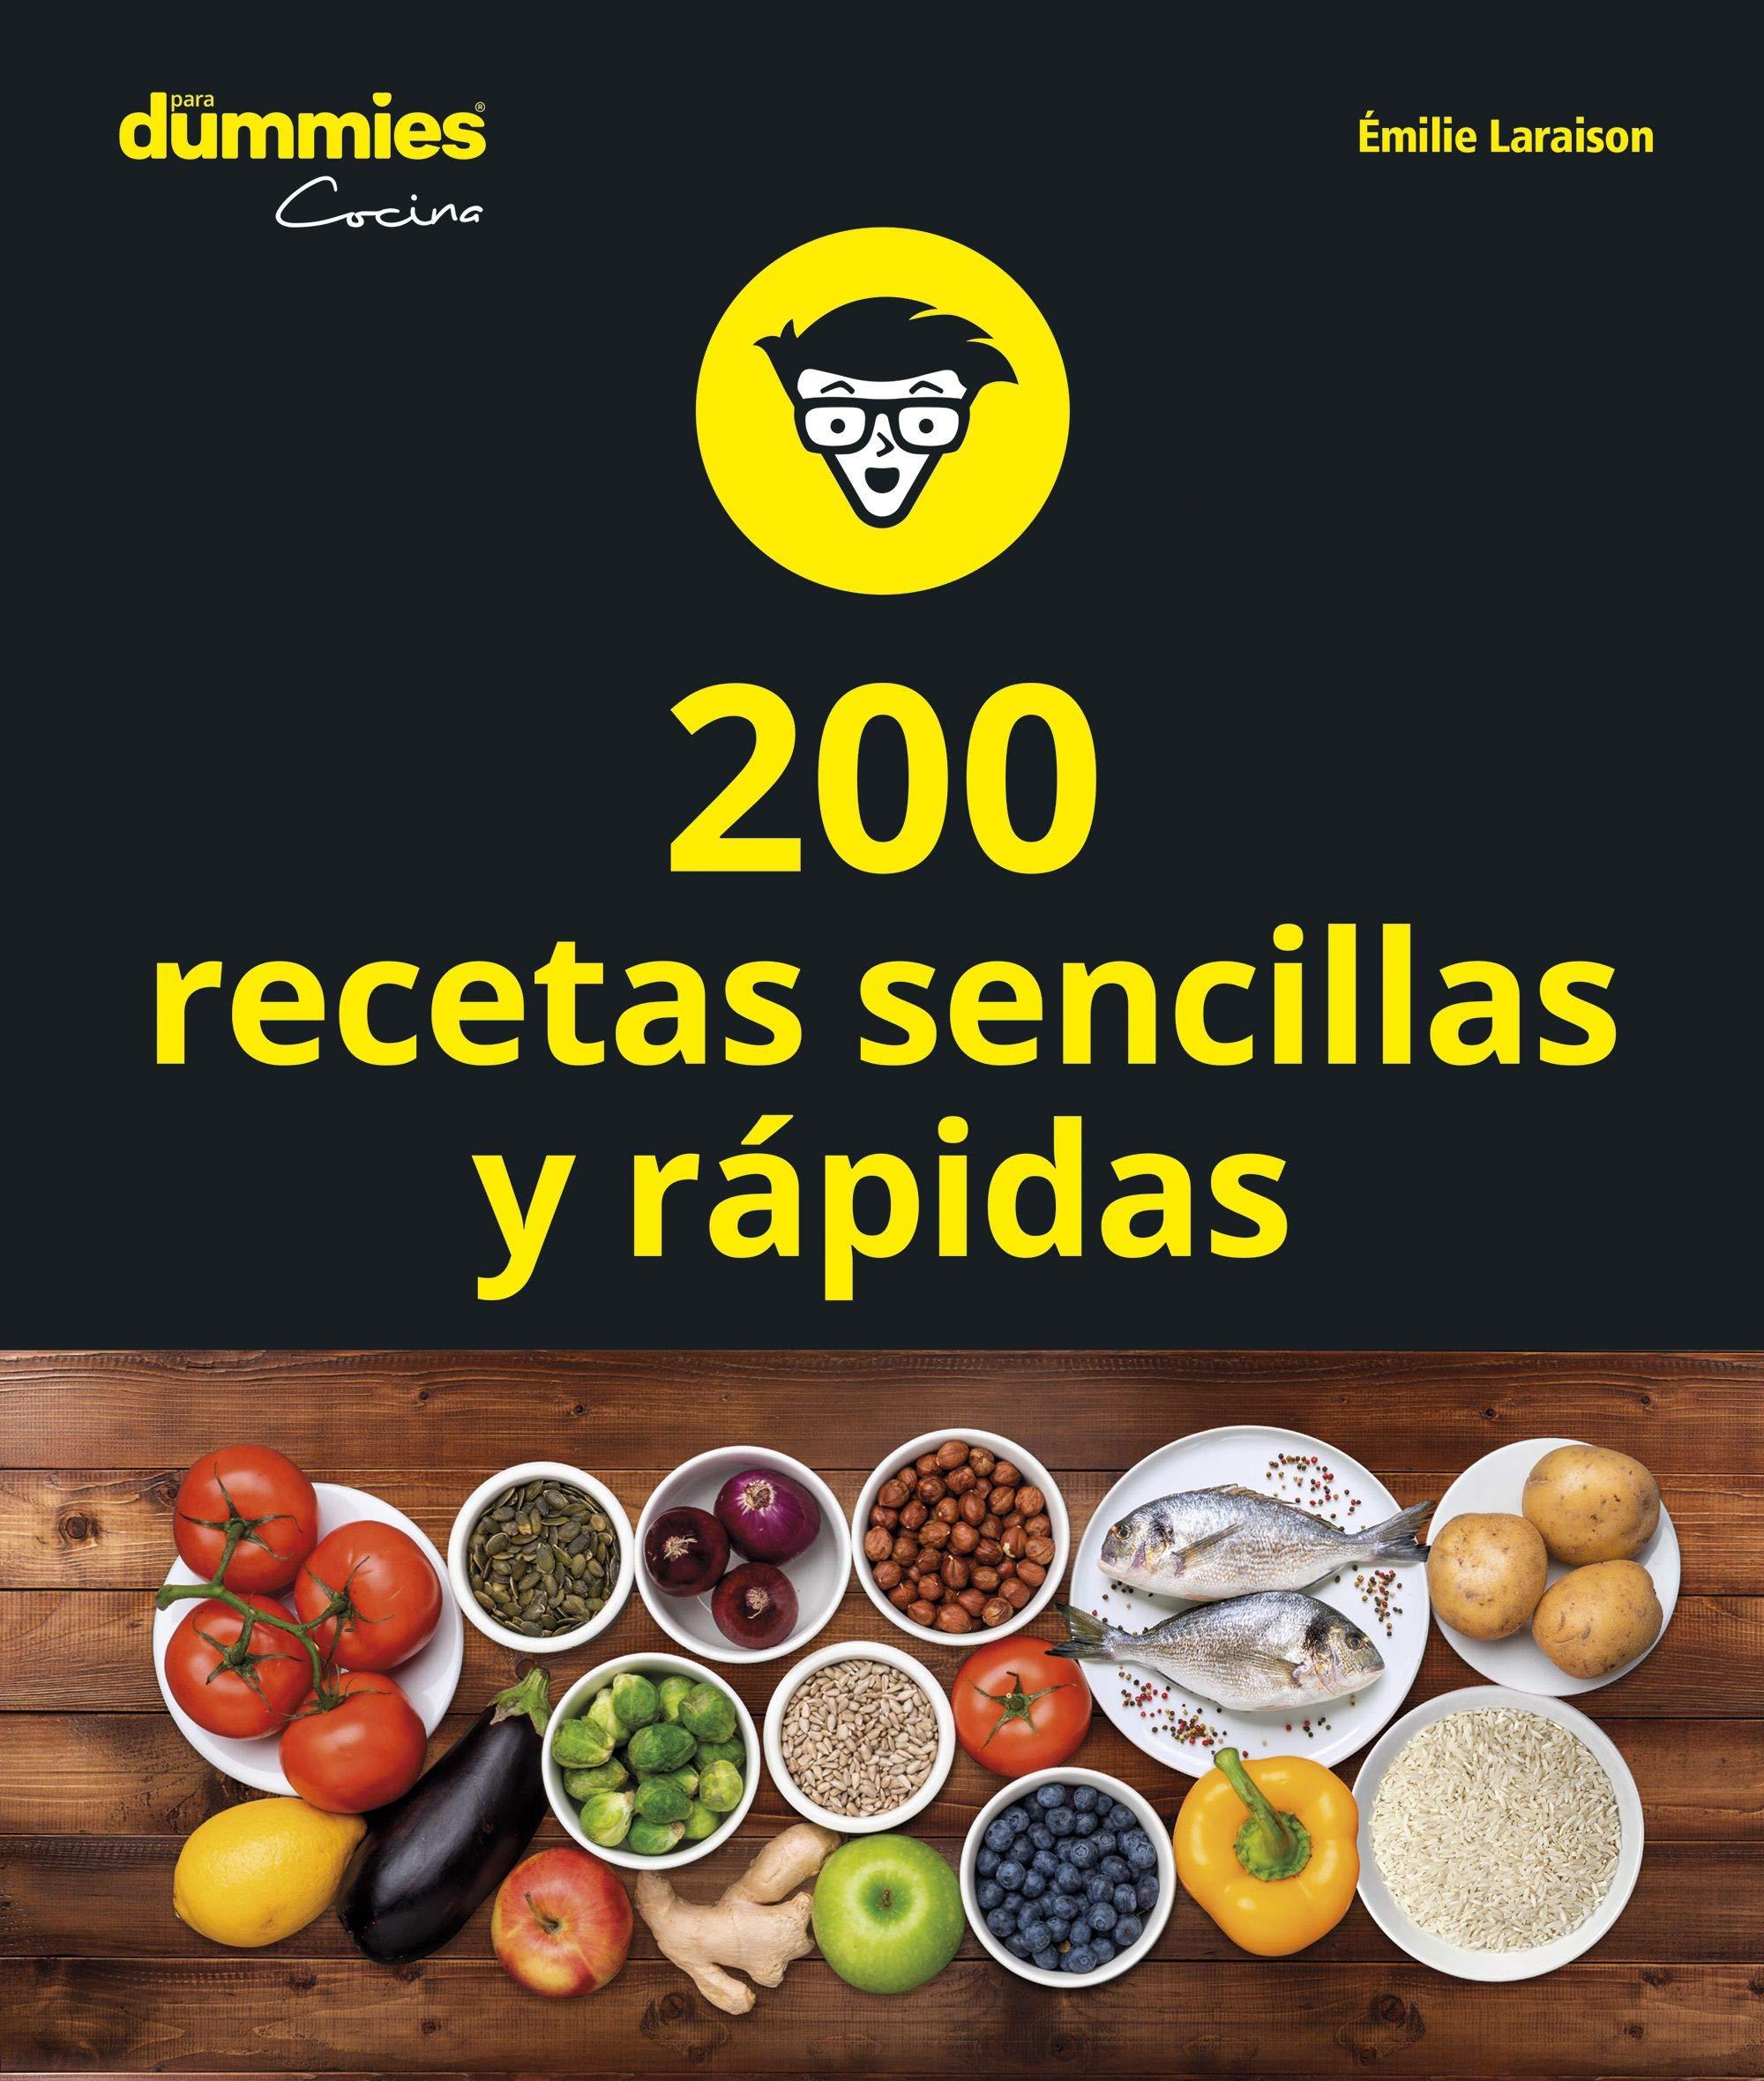 200 Recetas De Cocina Sencillas Y Rápidas Emilie Laraison